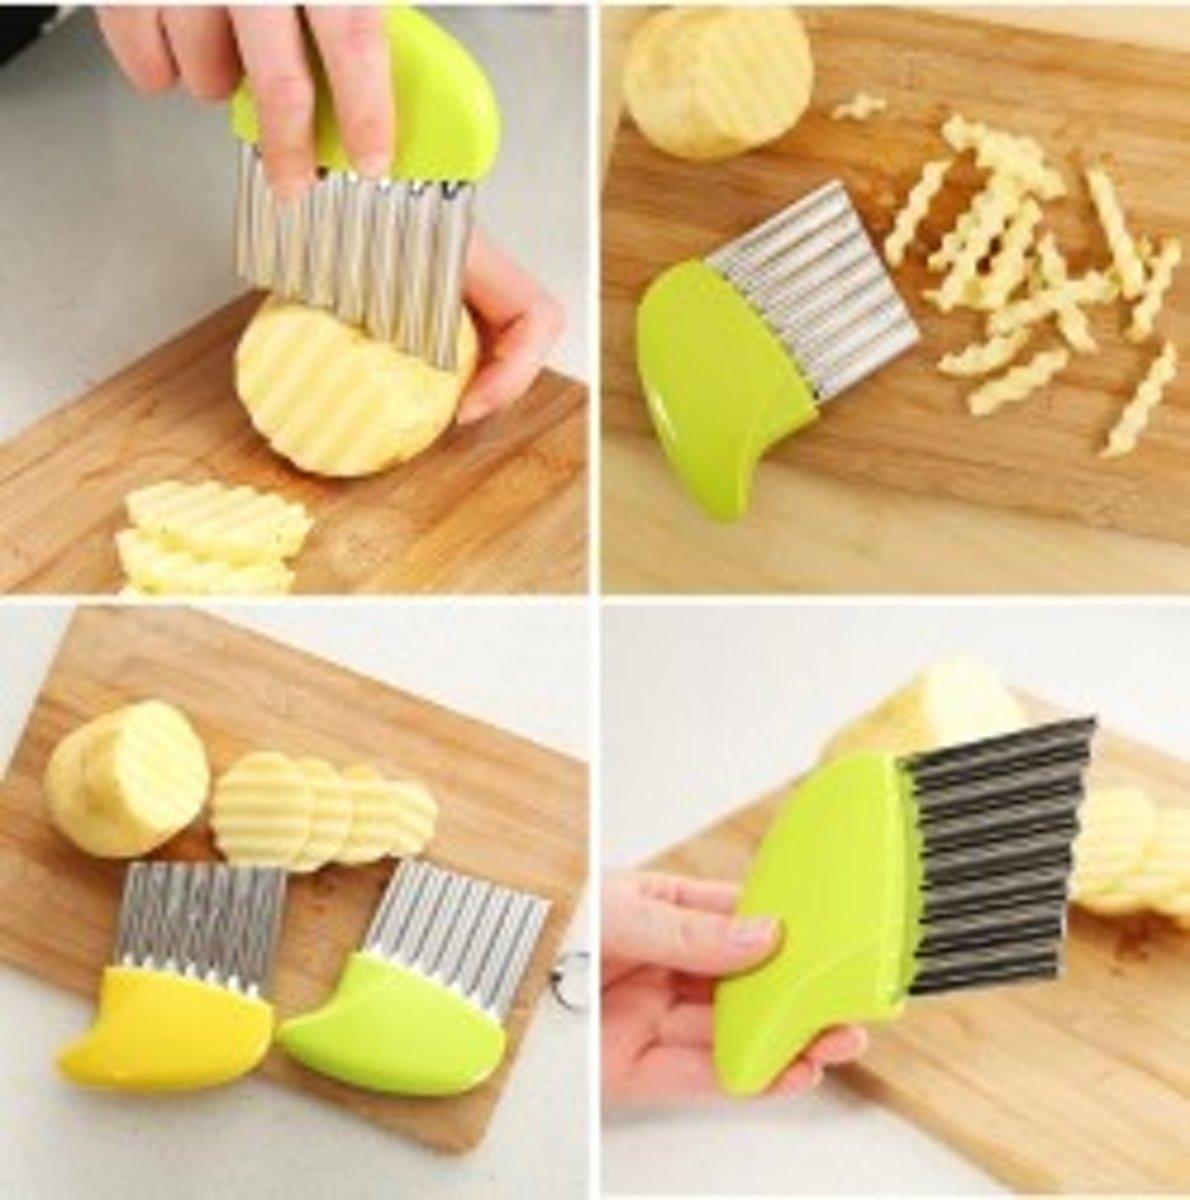 Handige chips / patat aardappel snijder / maker - Friet snijder - Geel - kopen